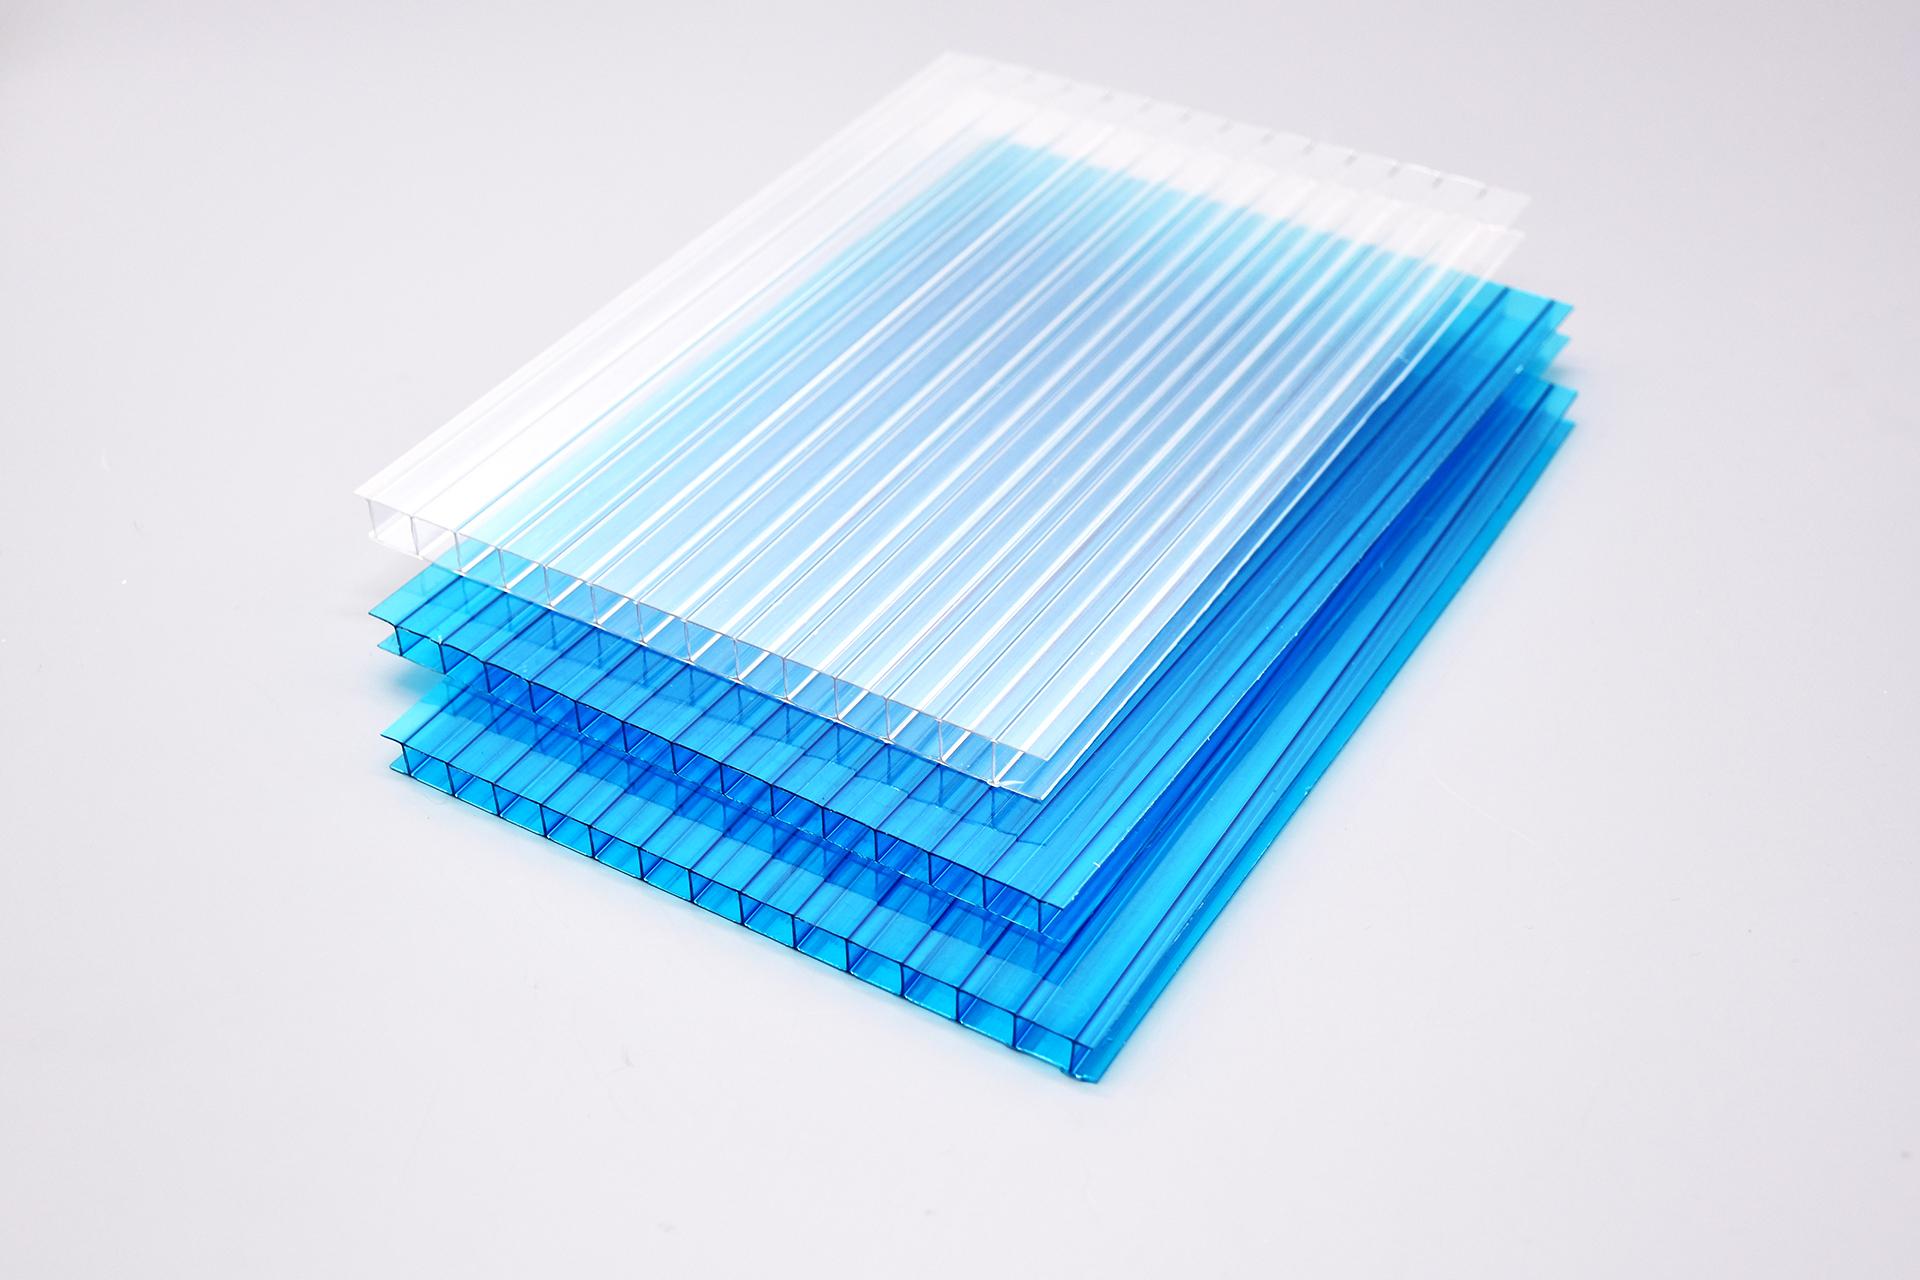 透明耐力板阳光板2021年最新价格保定生产厂家